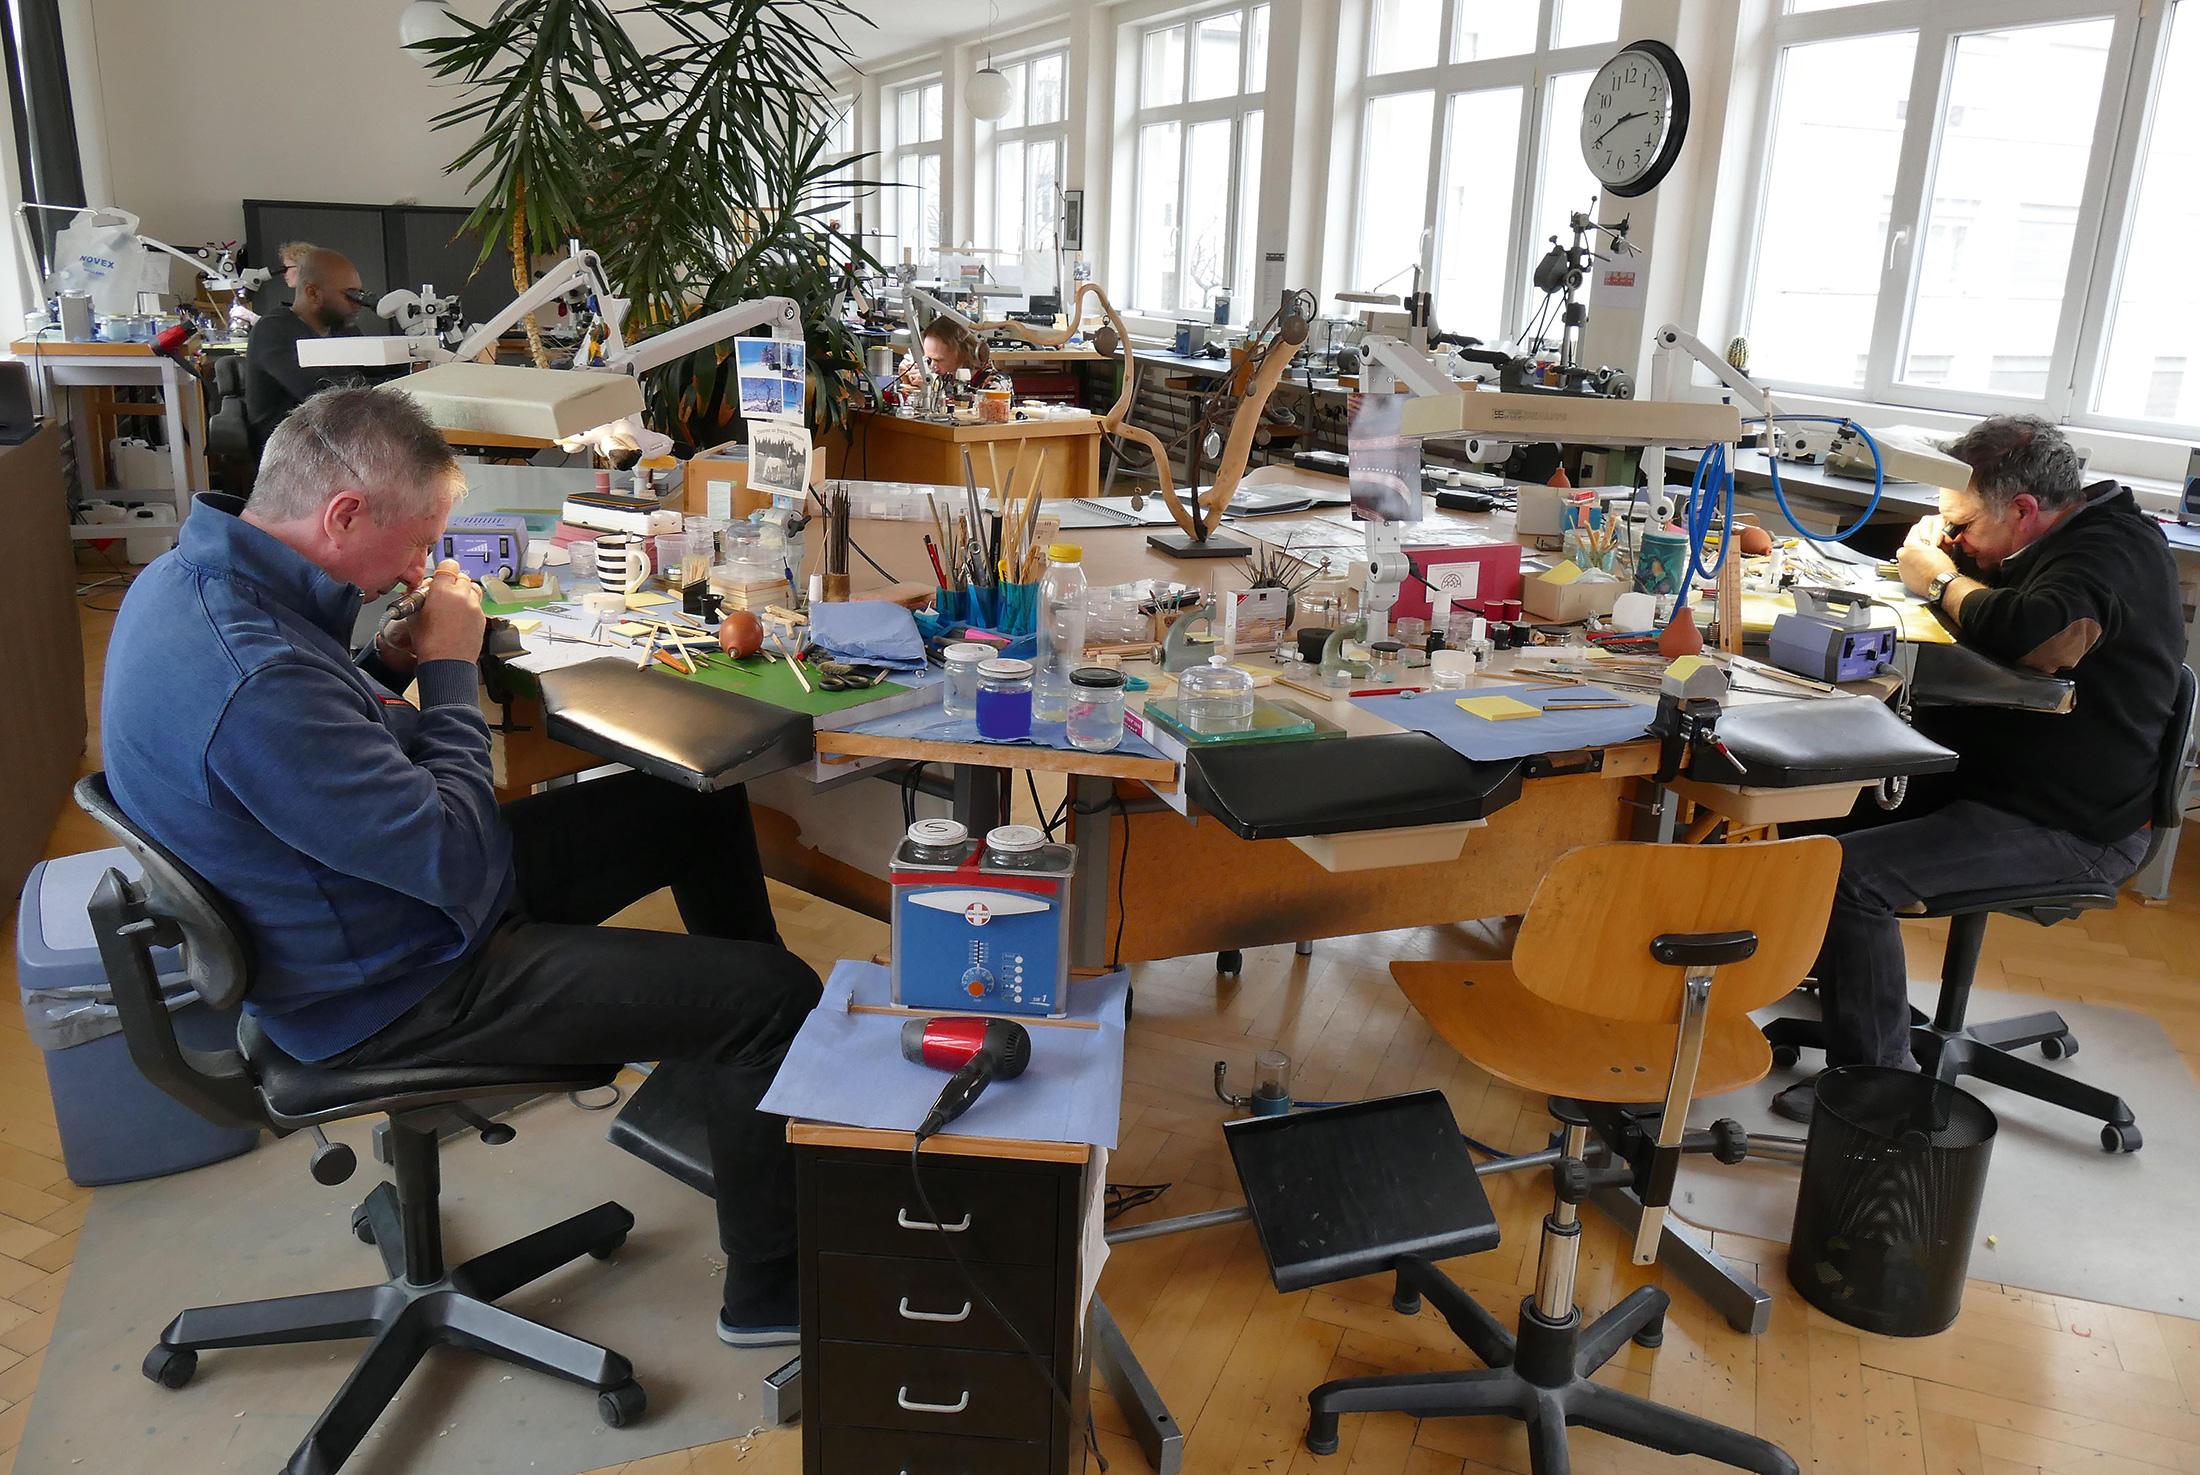 Atelier Arrigoni-Laufer, La Chaux-de-Fonds